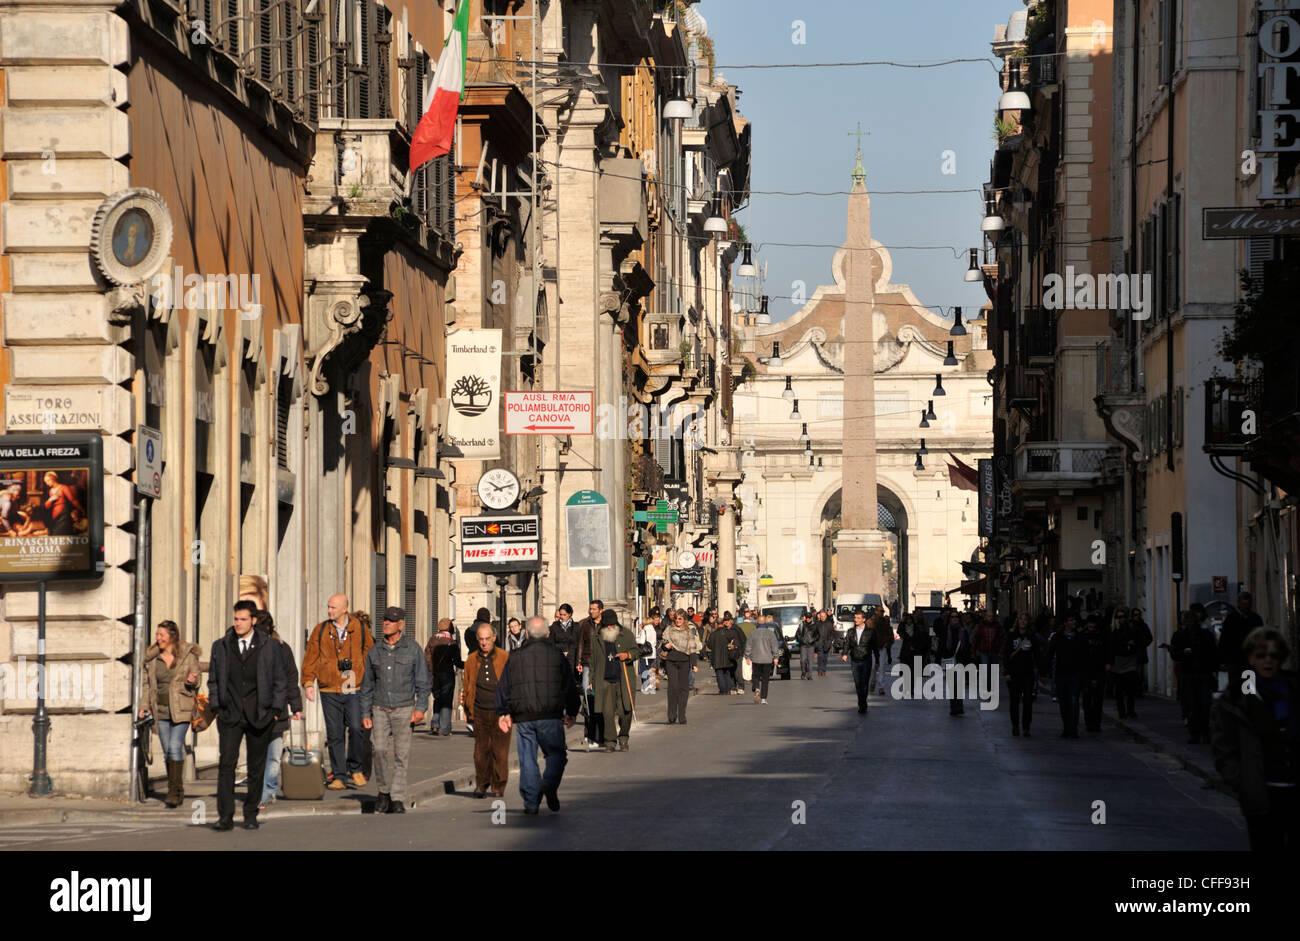 Via del corso stock photos via del corso stock images for Corner via del corso roma